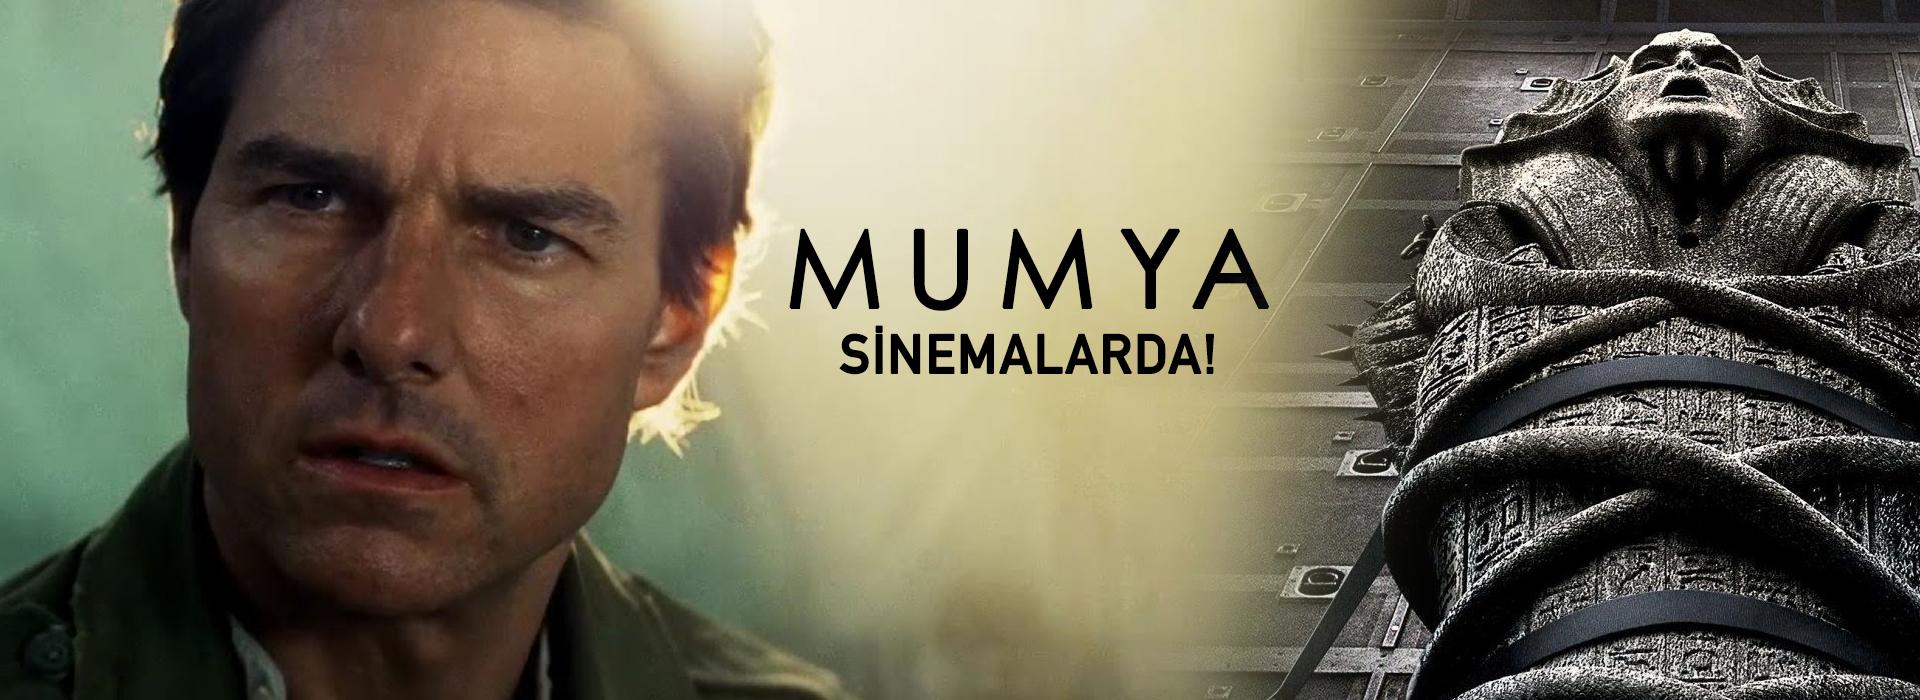 mumya-slide